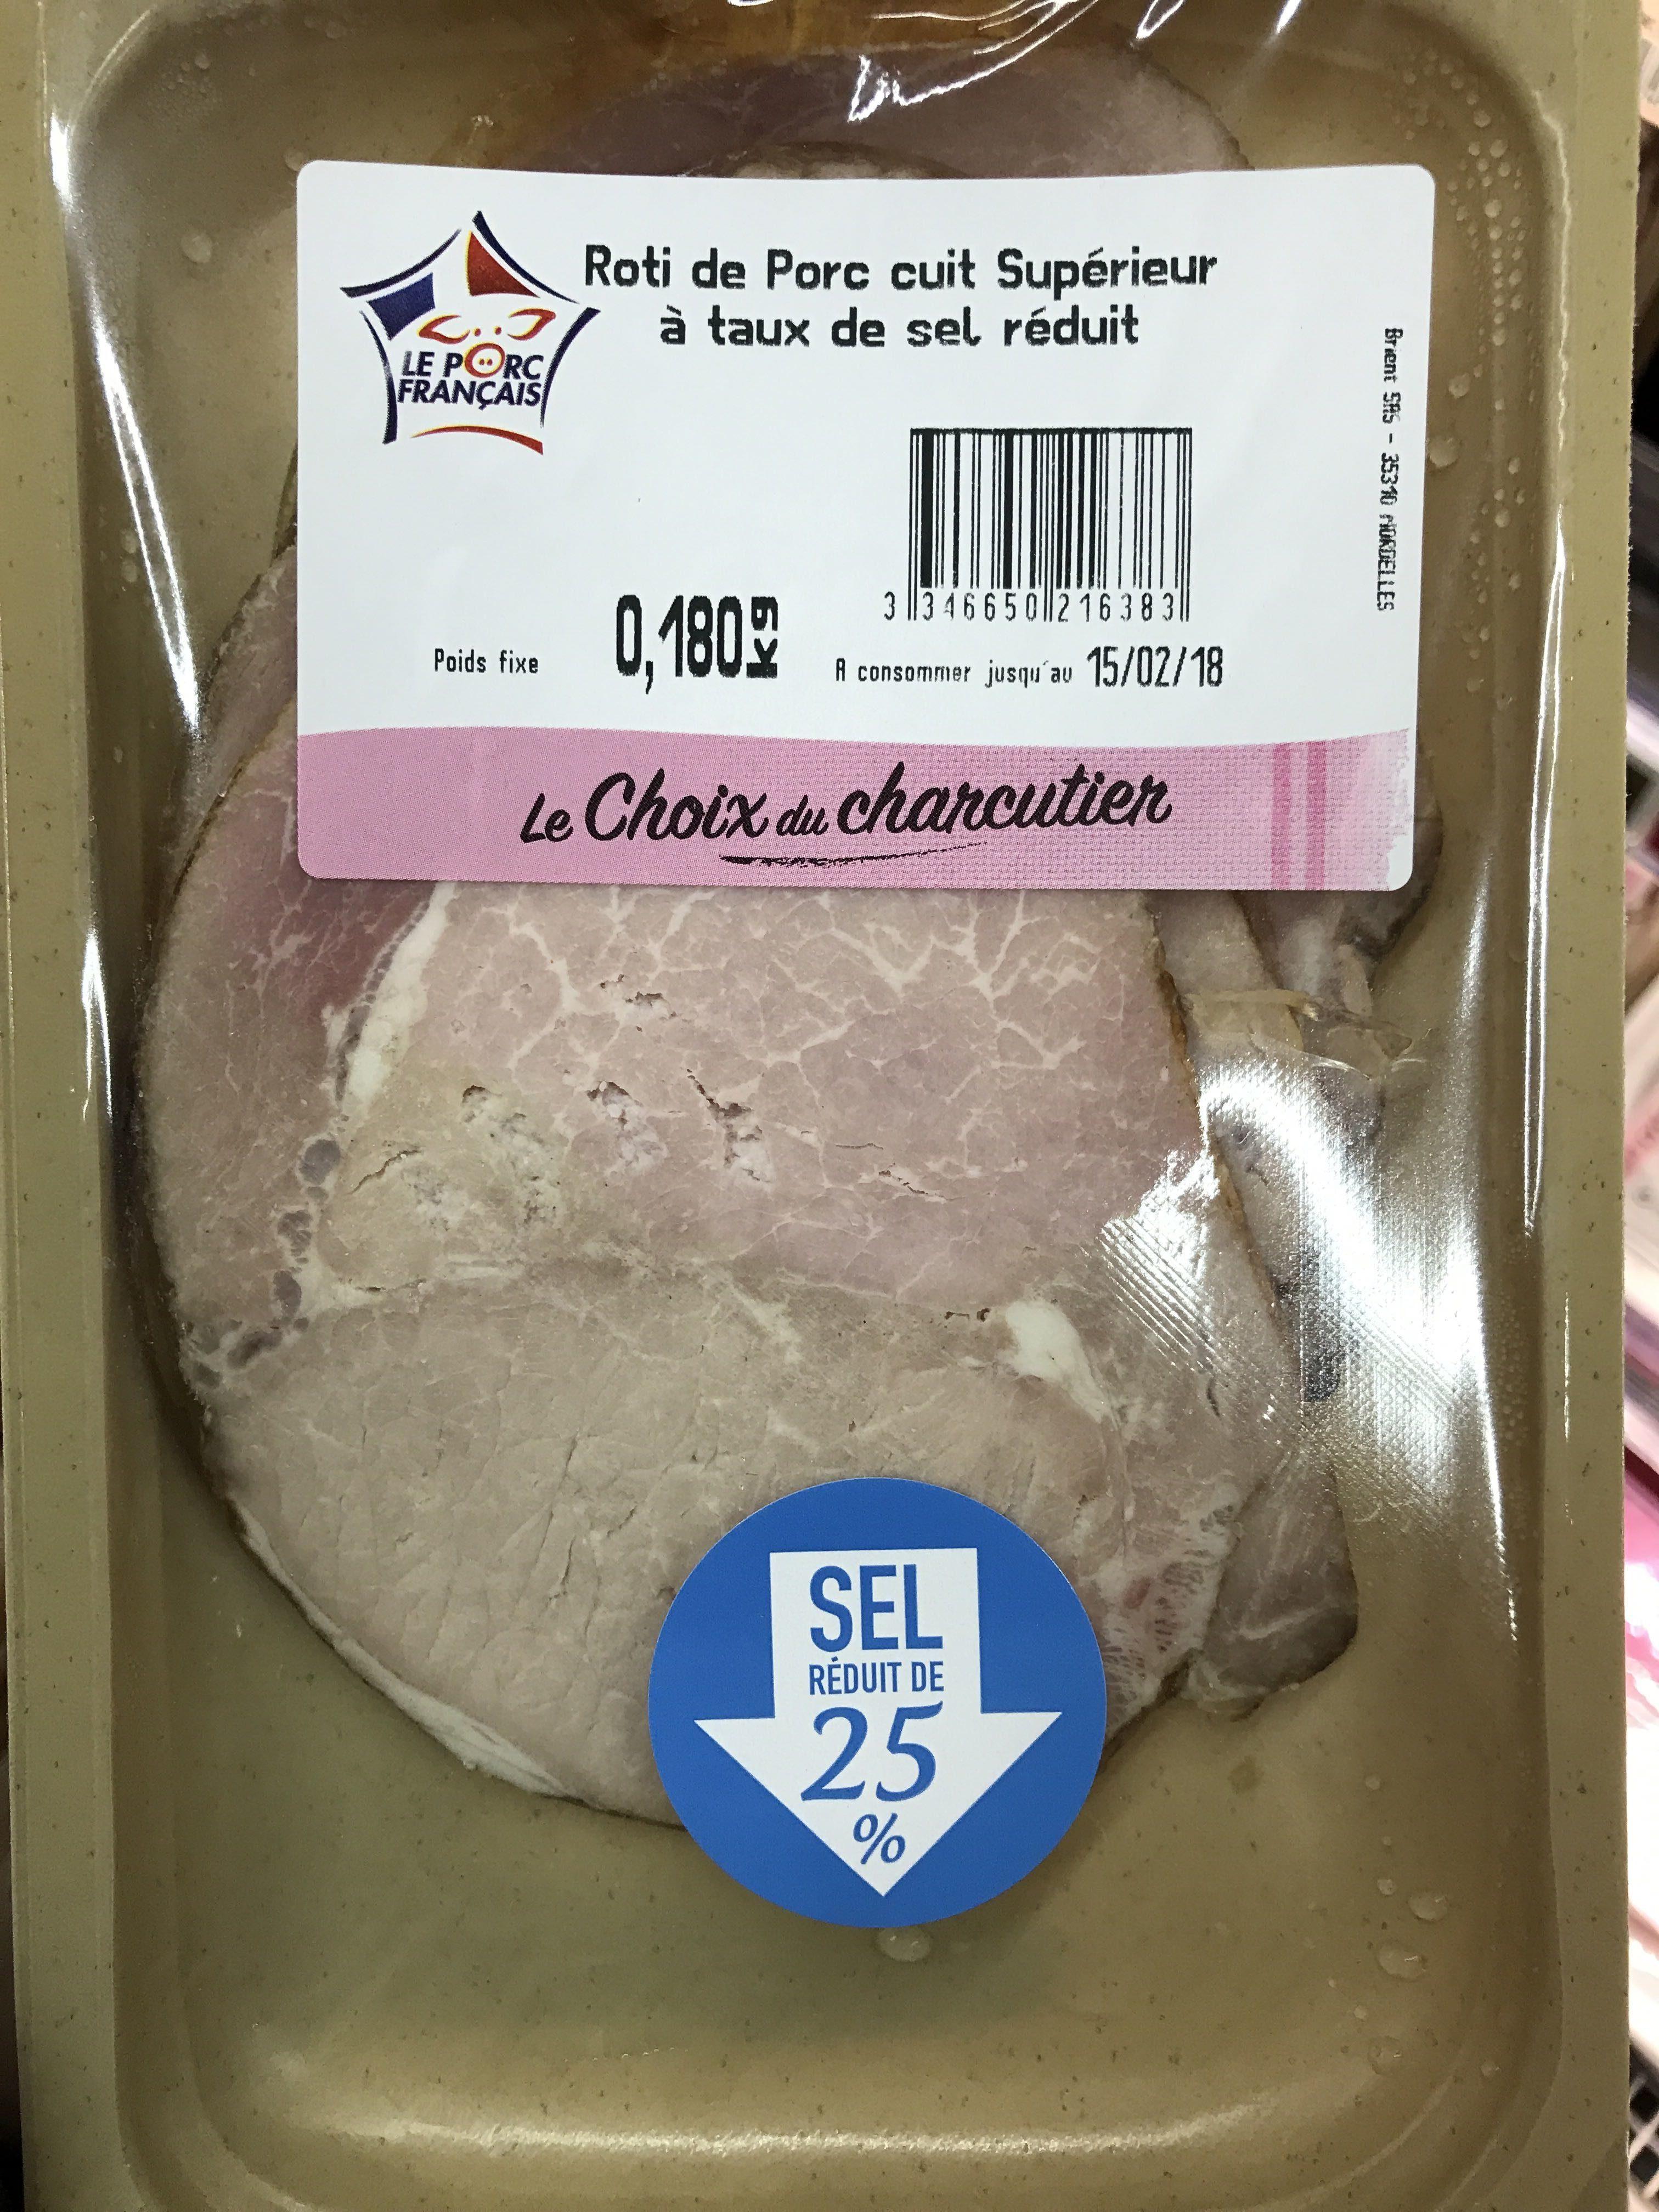 Brient, Roti de porc superieur, la barquette de 4 180 g - Produit